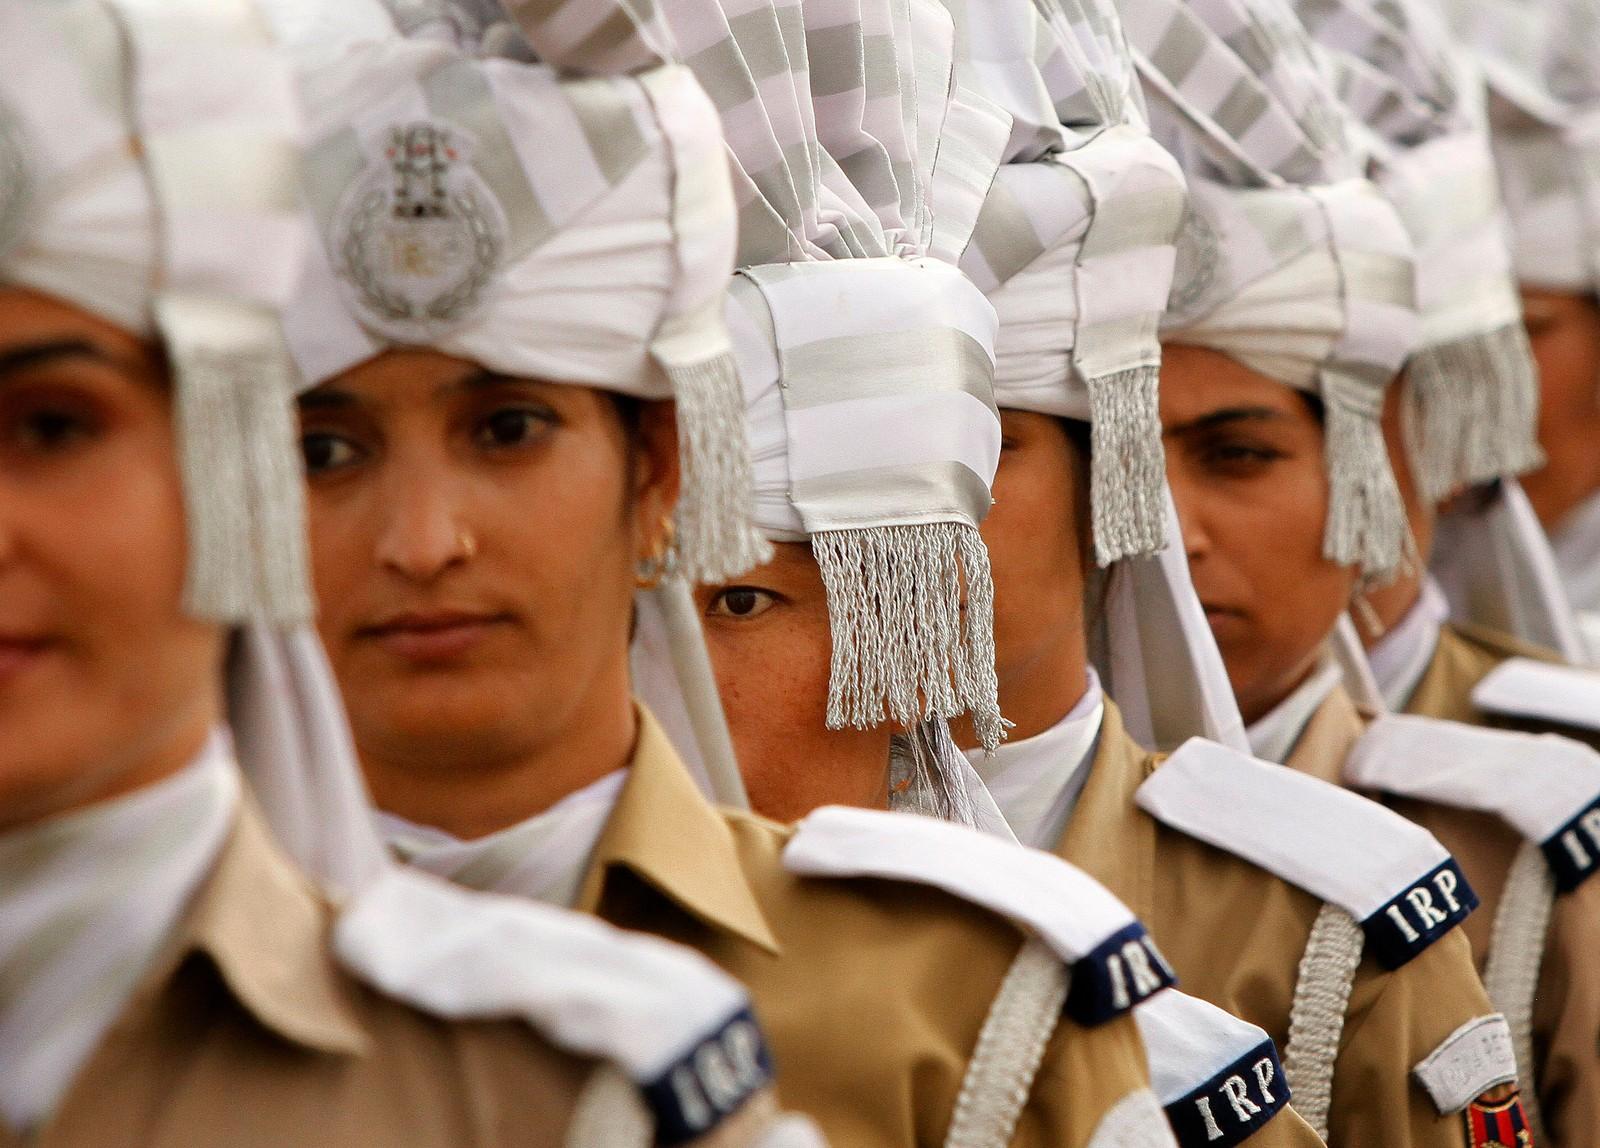 Også disse politikvinnene deltok i den 69. feiringen av Indias uavhengighet.